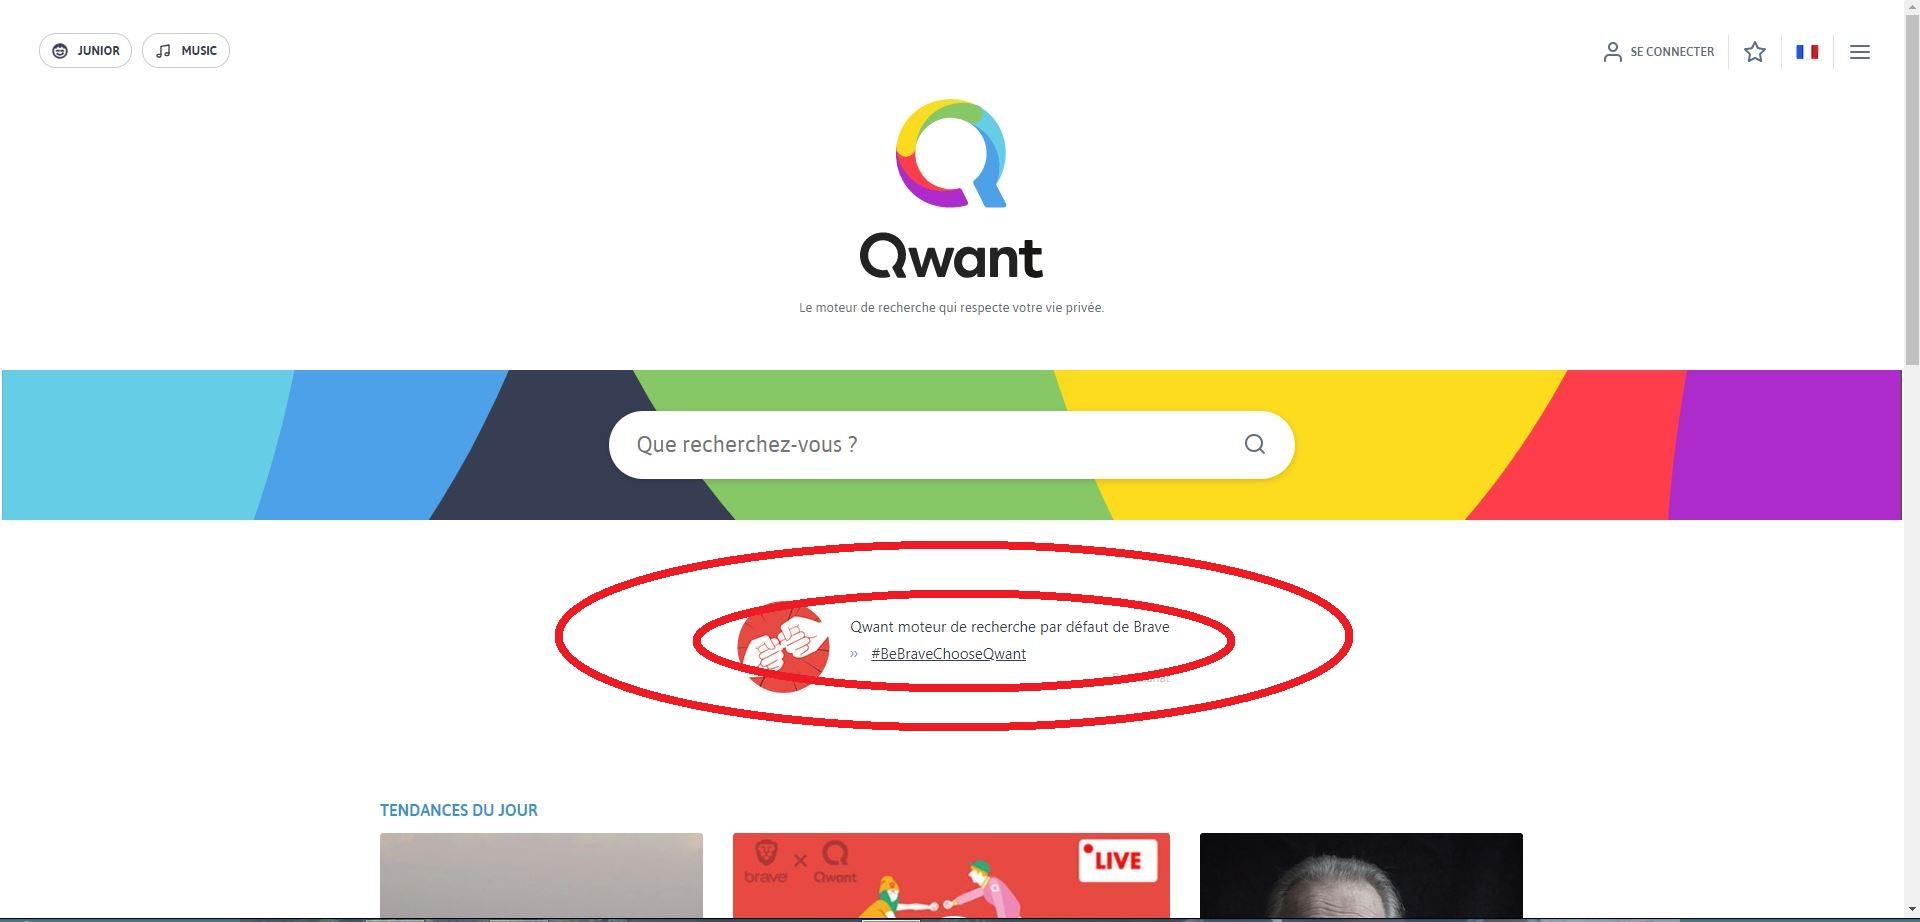 Qwant.com le moteur de recherche Français Tsge_200